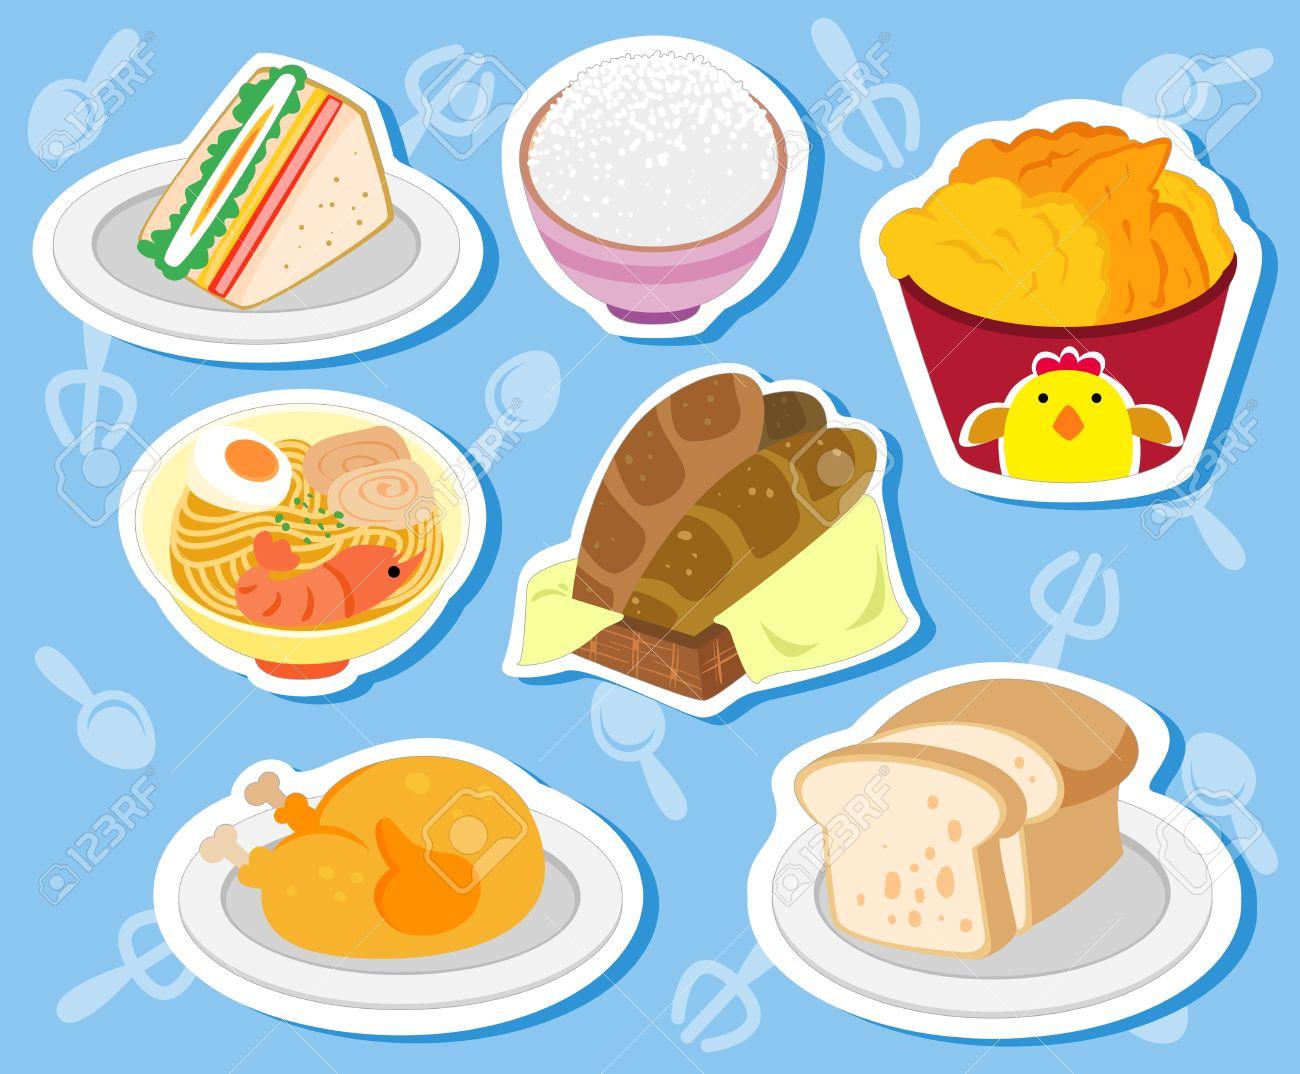 Sette Adesivi Alimentari Cute Con Pasta, Pollo, Panini, Toast.